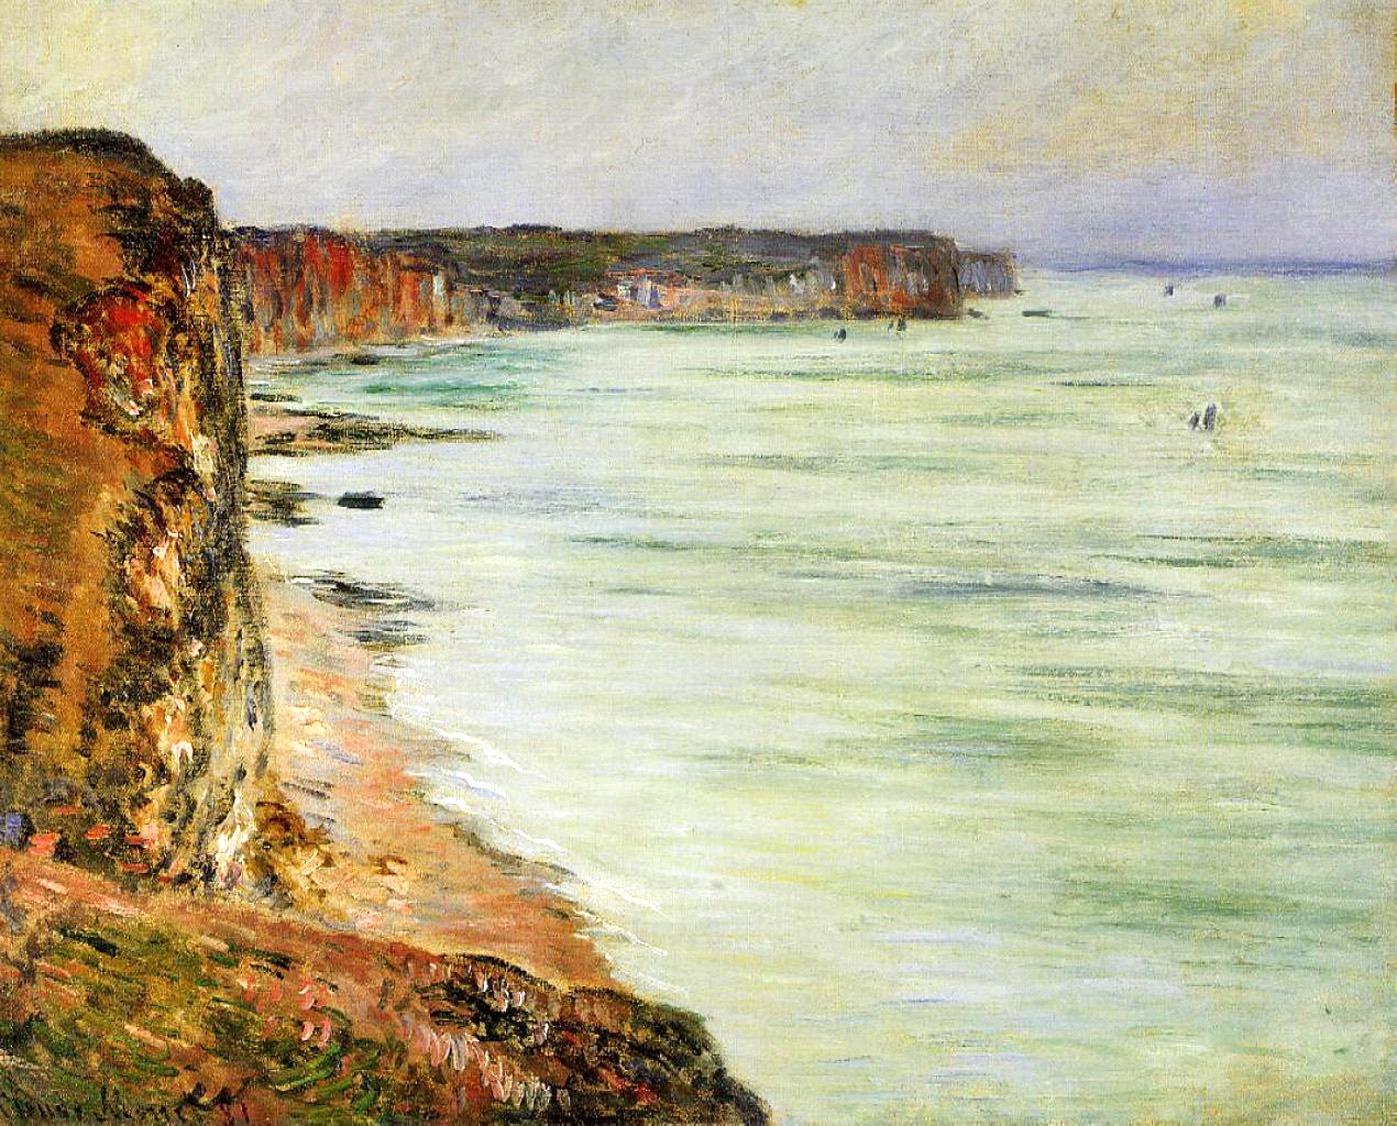 пейзажи - побережье < Тихая погода, Фекам >:: Клод Моне, описание картины - Claude Monet фото